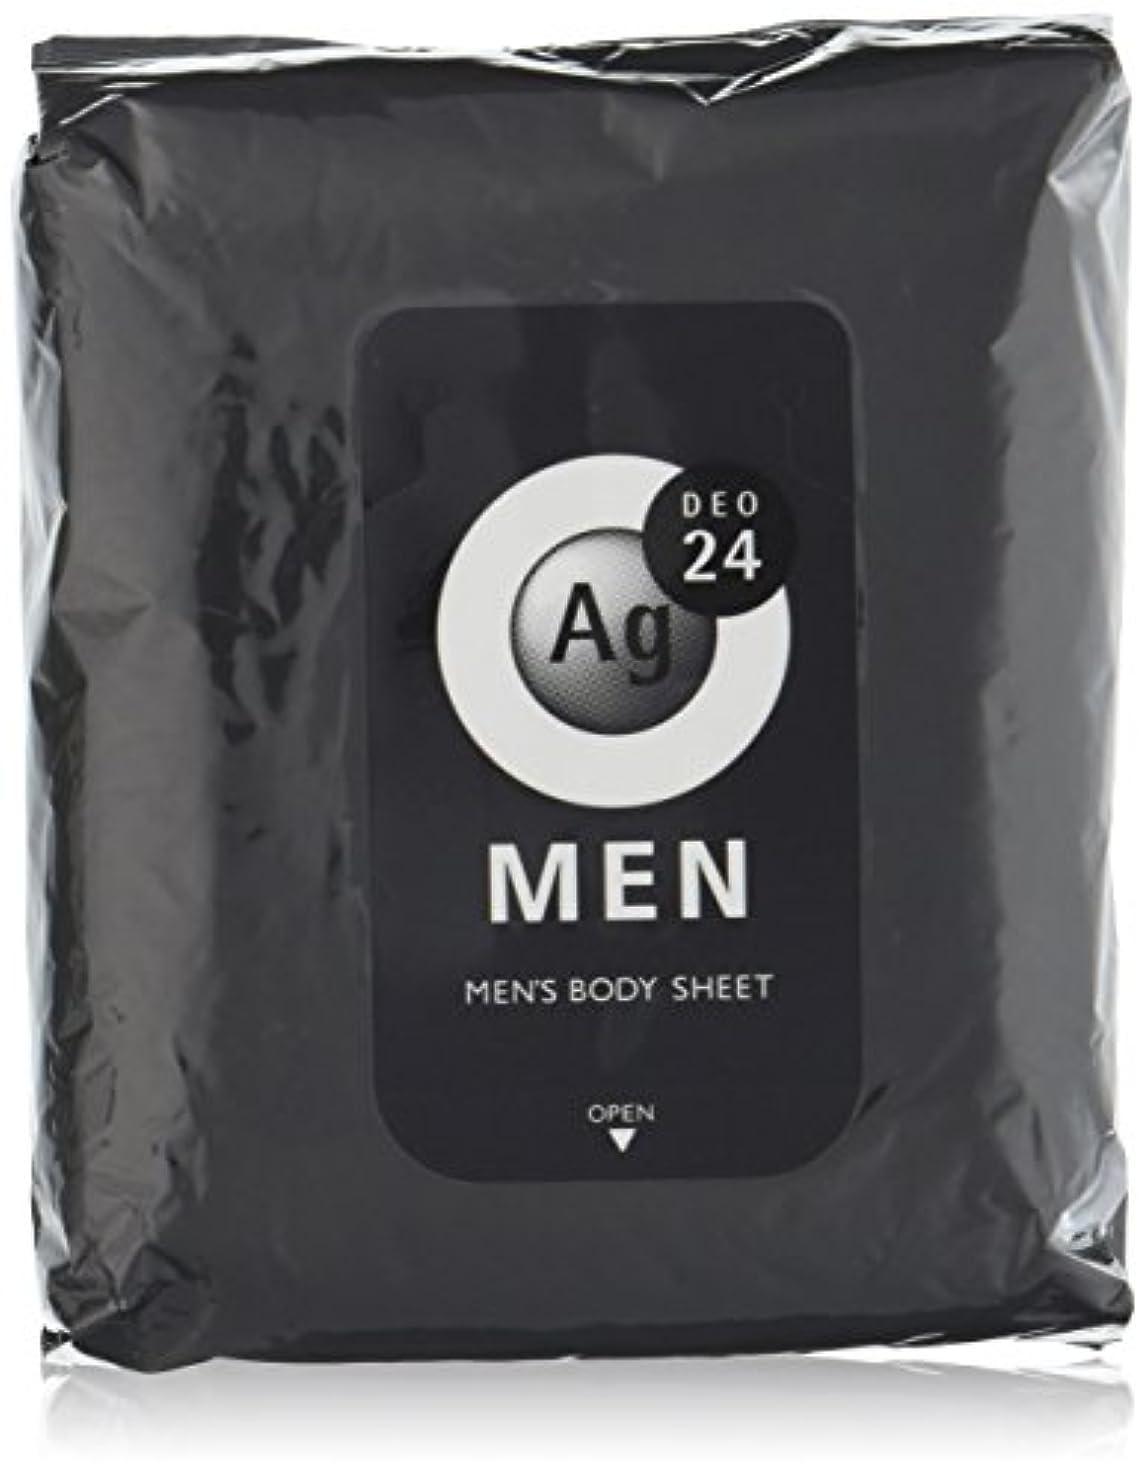 シネマゾーン計画的エージーデオ24 メンズ ボディーシート 無香性 30枚